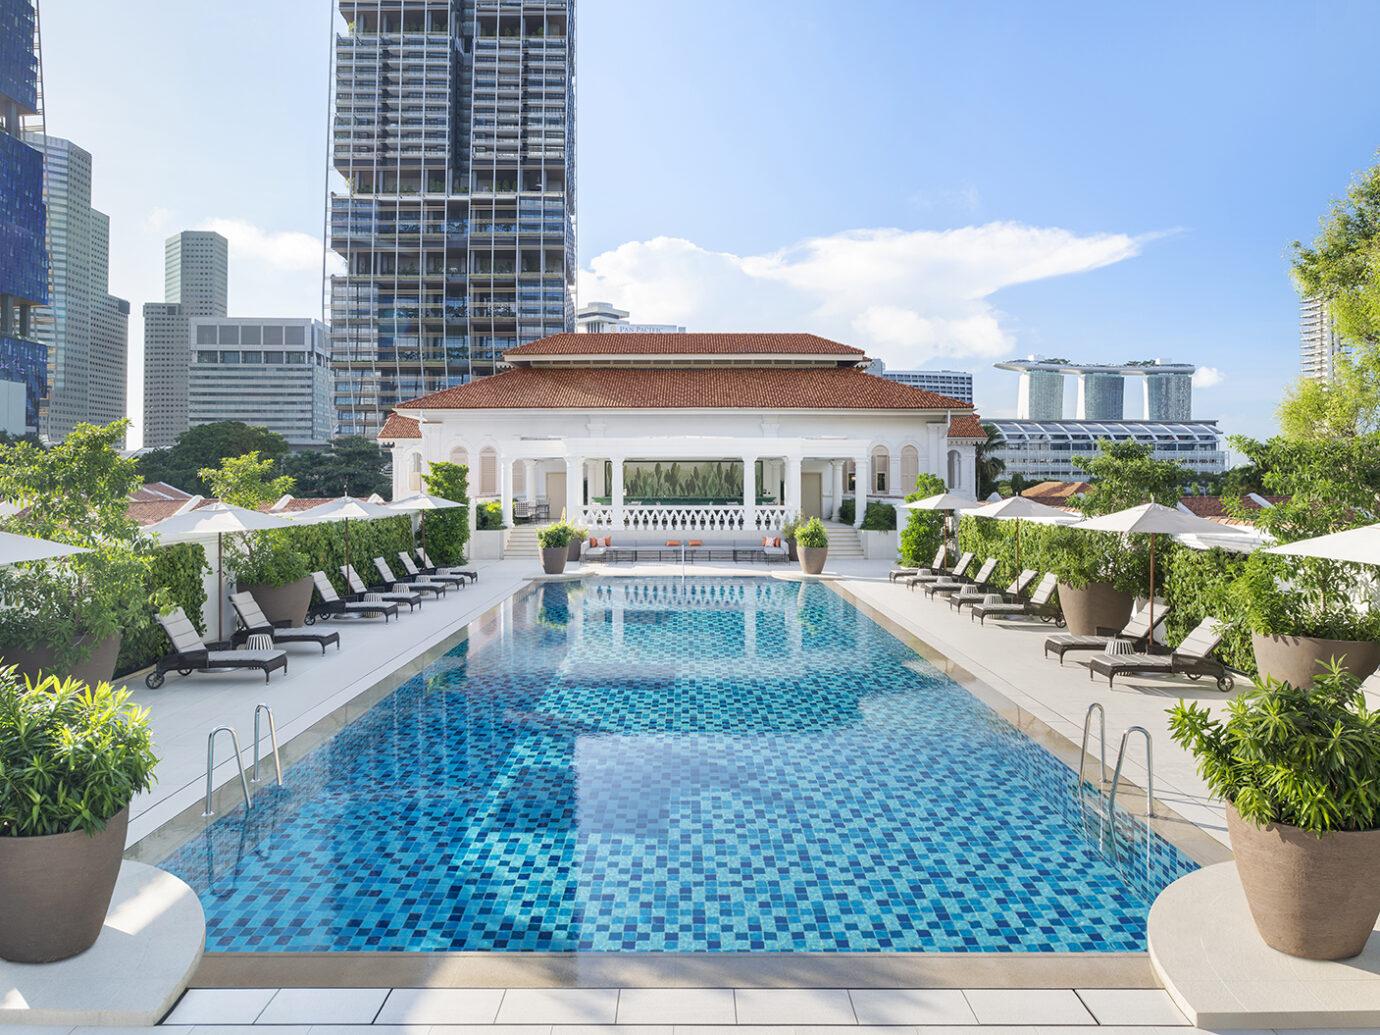 Pool at Raffles Singapore